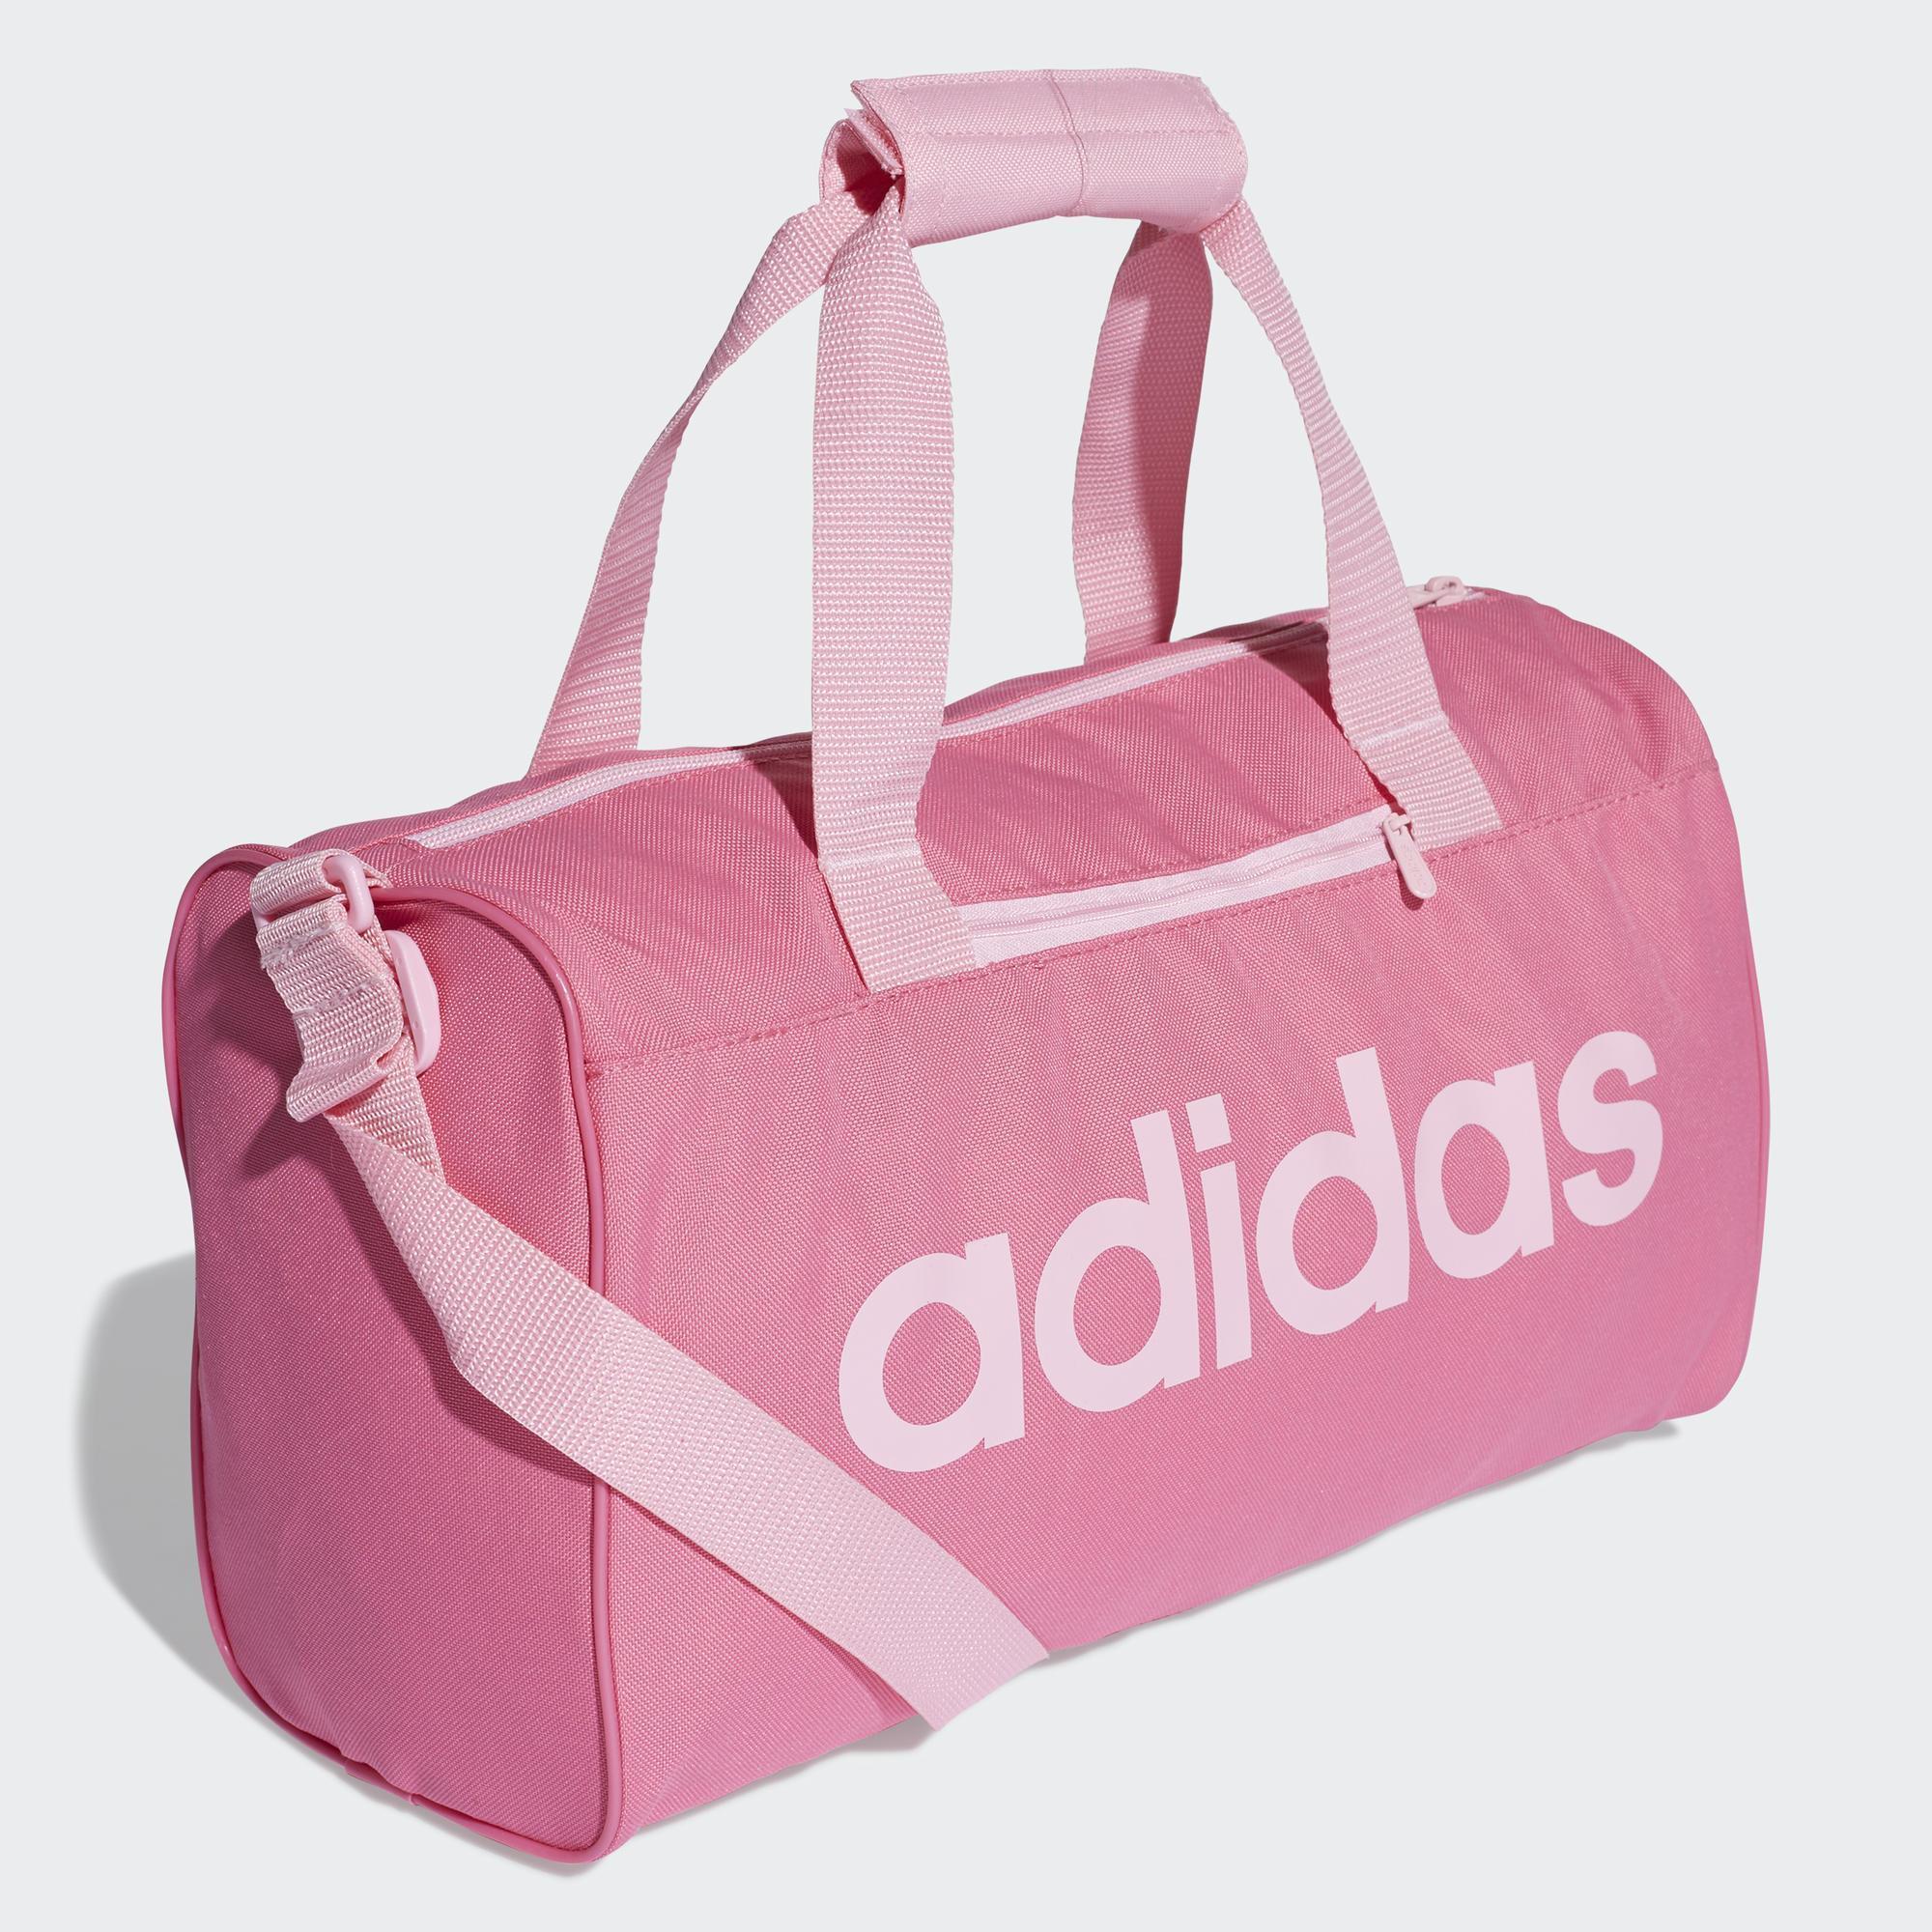 período Haz todo con mi poder Frase  bolsa de deporte mujer decathlon - Tienda Online de Zapatos, Ropa y  Complementos de marca